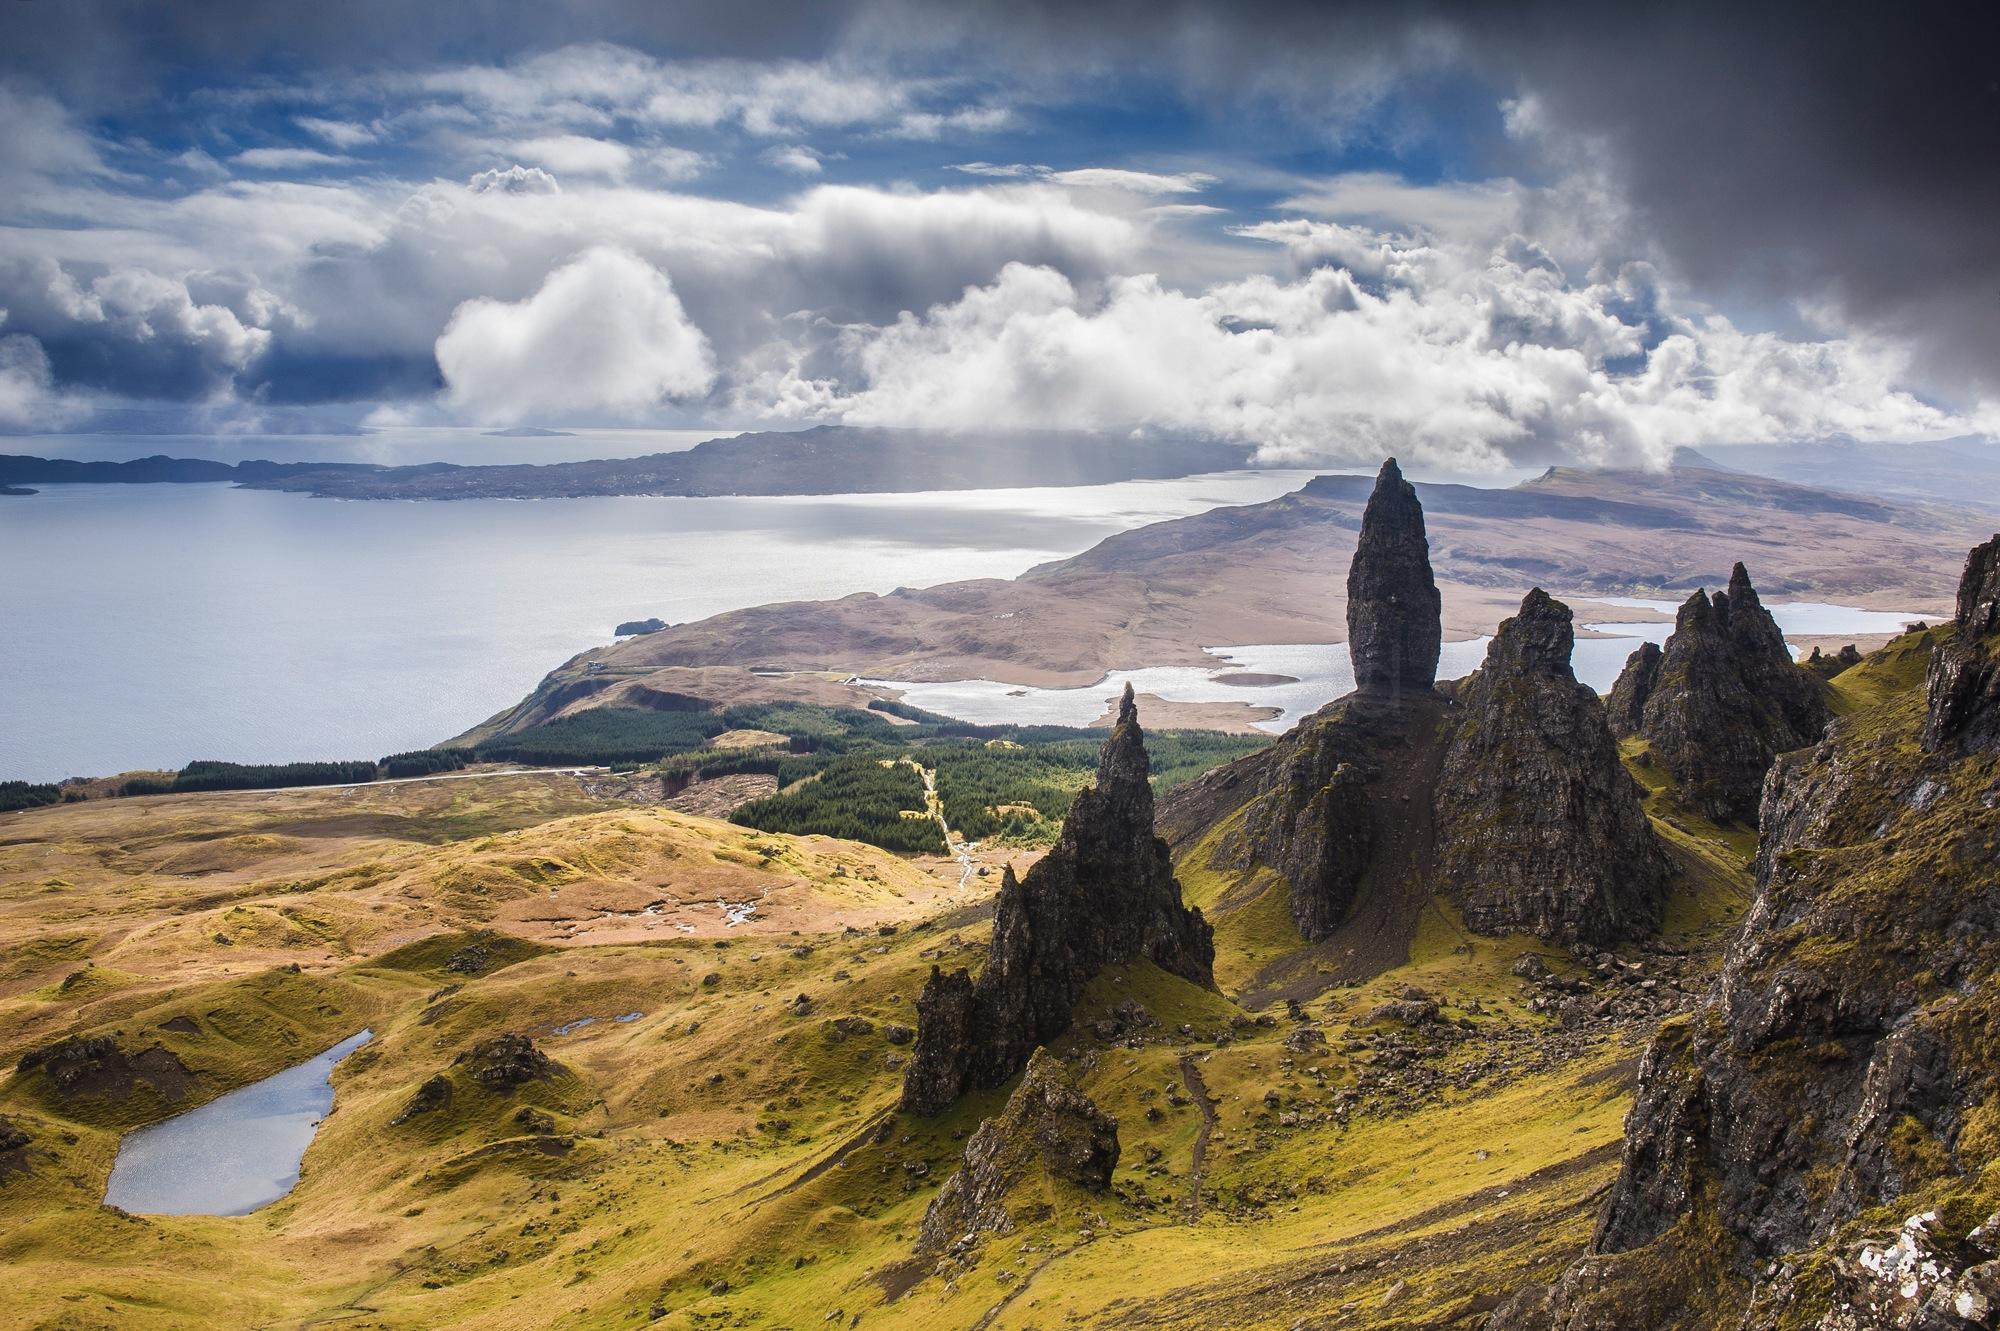 Isle of Skye Weekend Trip Group 1: Sat 24 - S